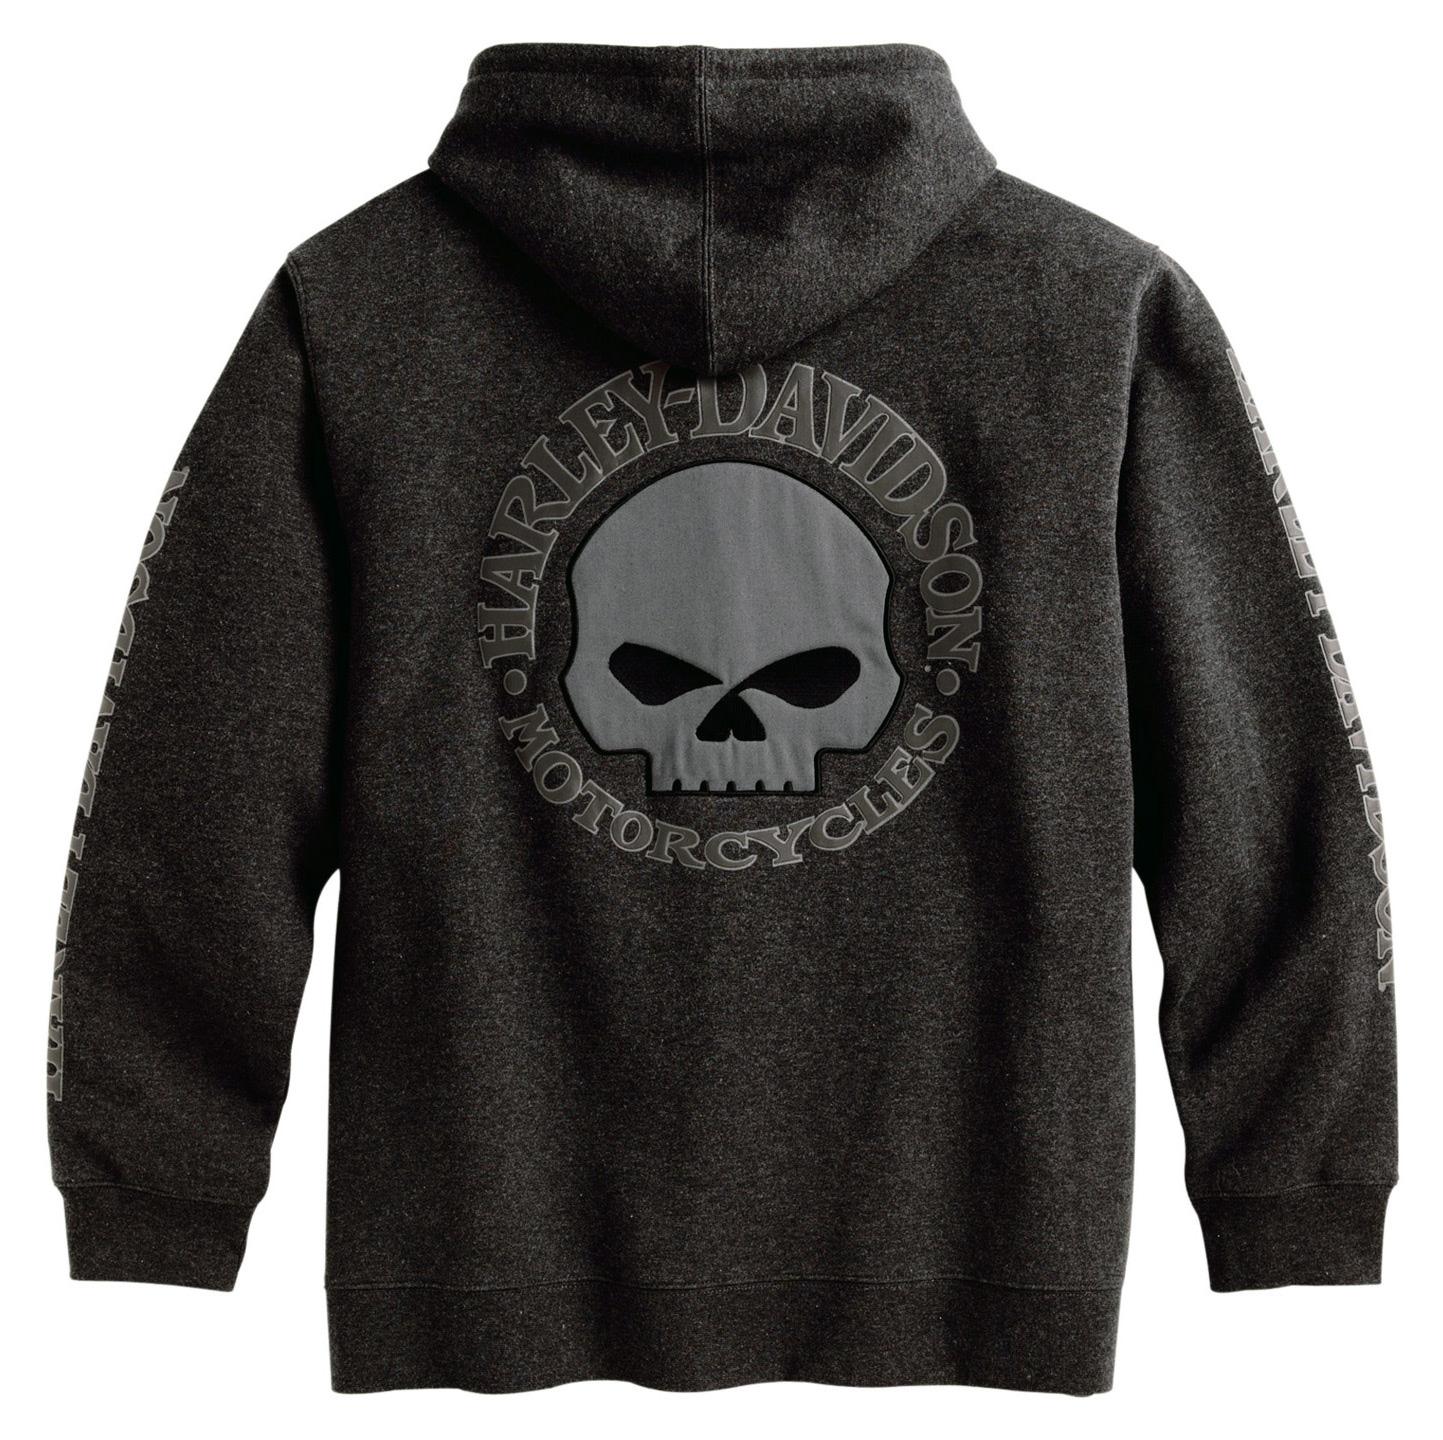 99107 18VM Harley Davidson Skull Zip Hoodie, grau im